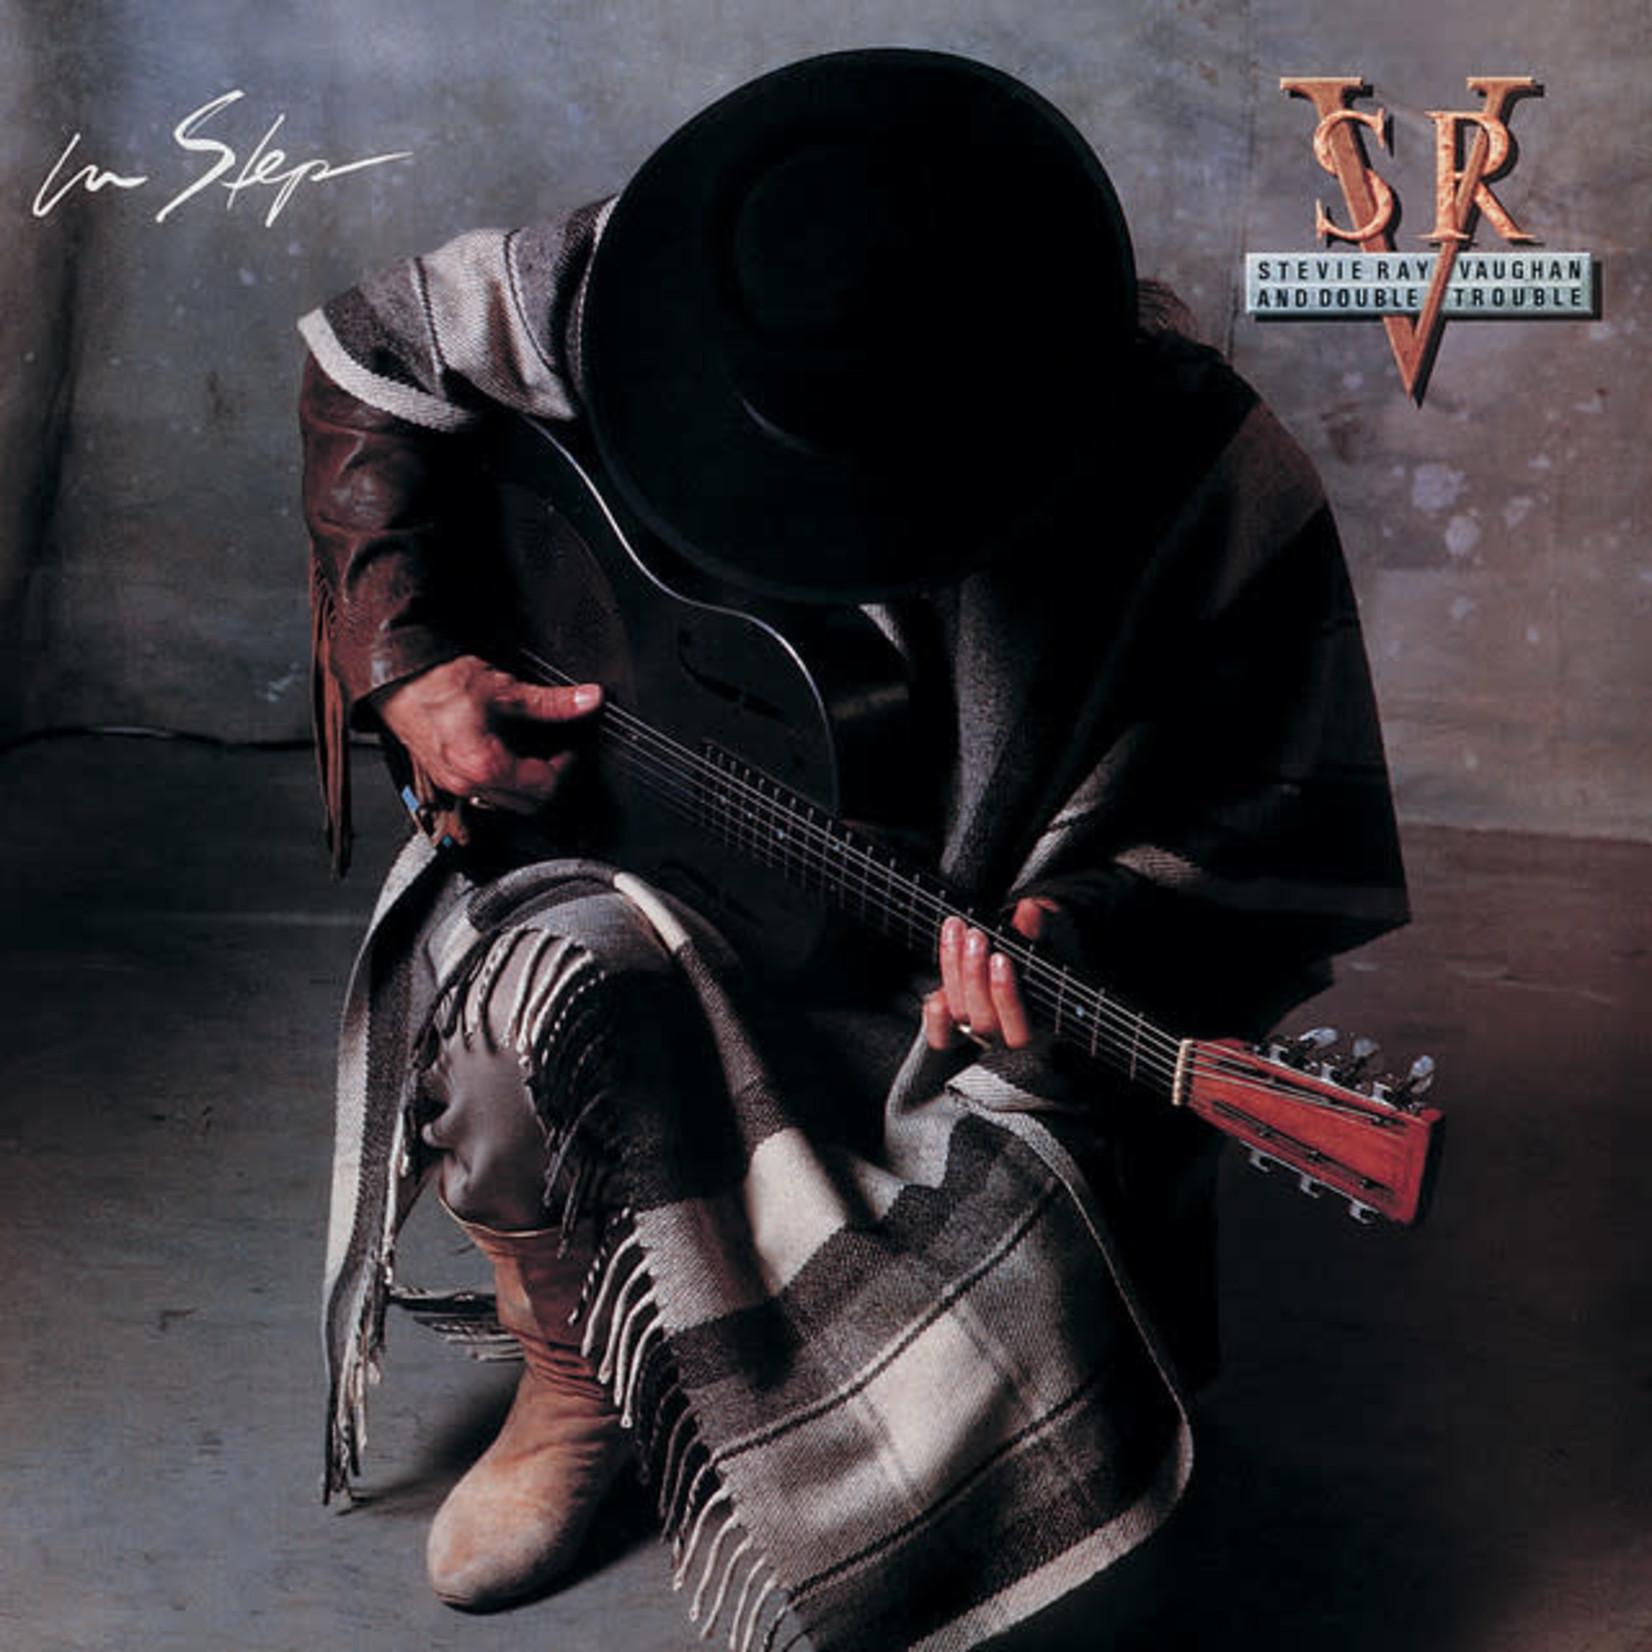 Vinyl Stevie Ray Vaughan - In Step